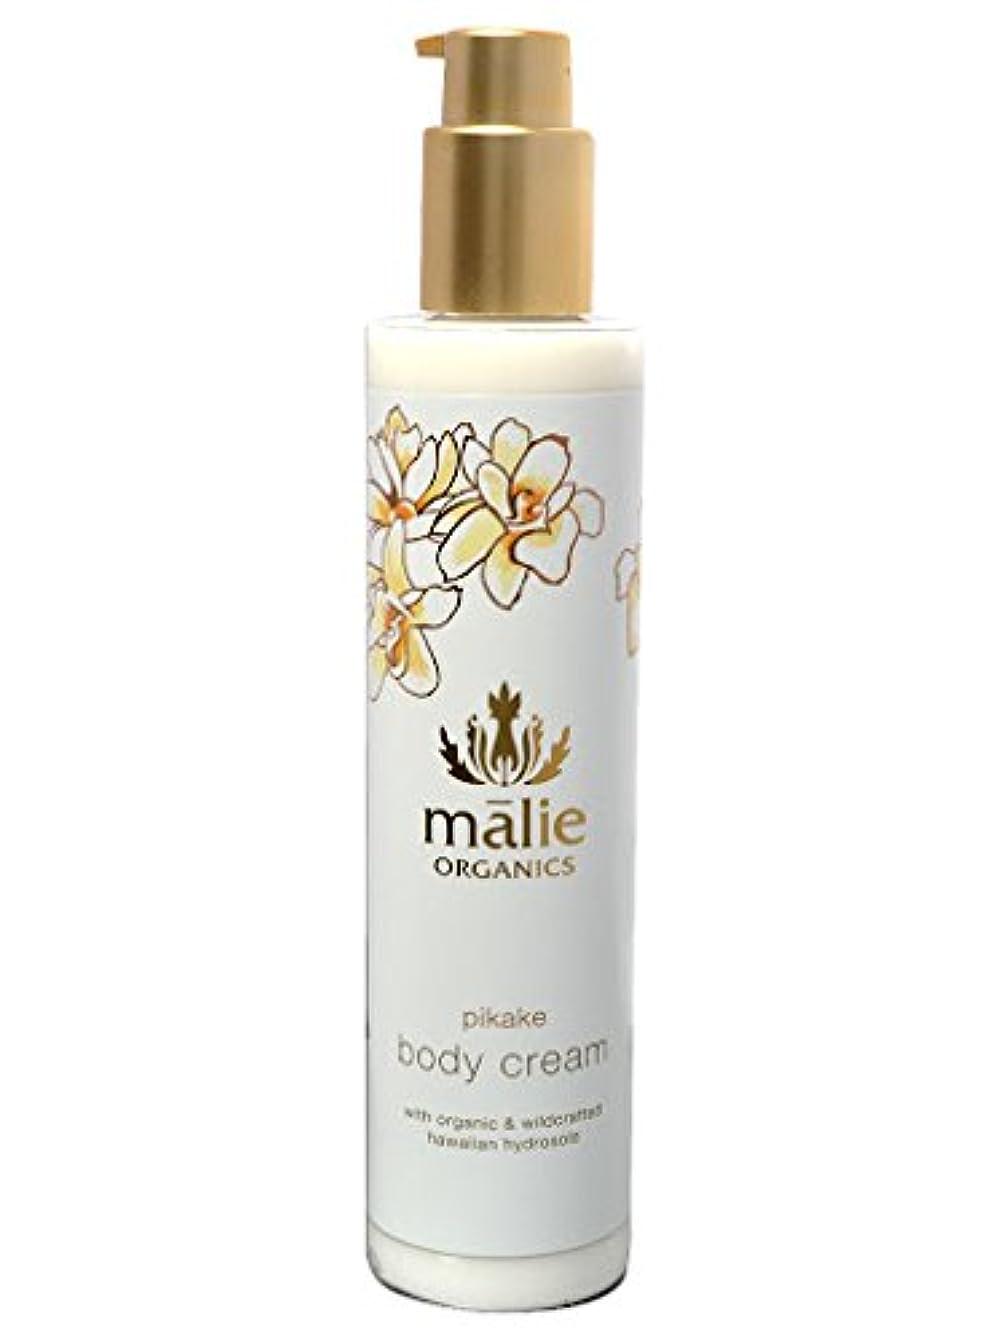 革命的香水差別するmalie organics ボディクリーム 222ml ピカケ [並行輸入品]